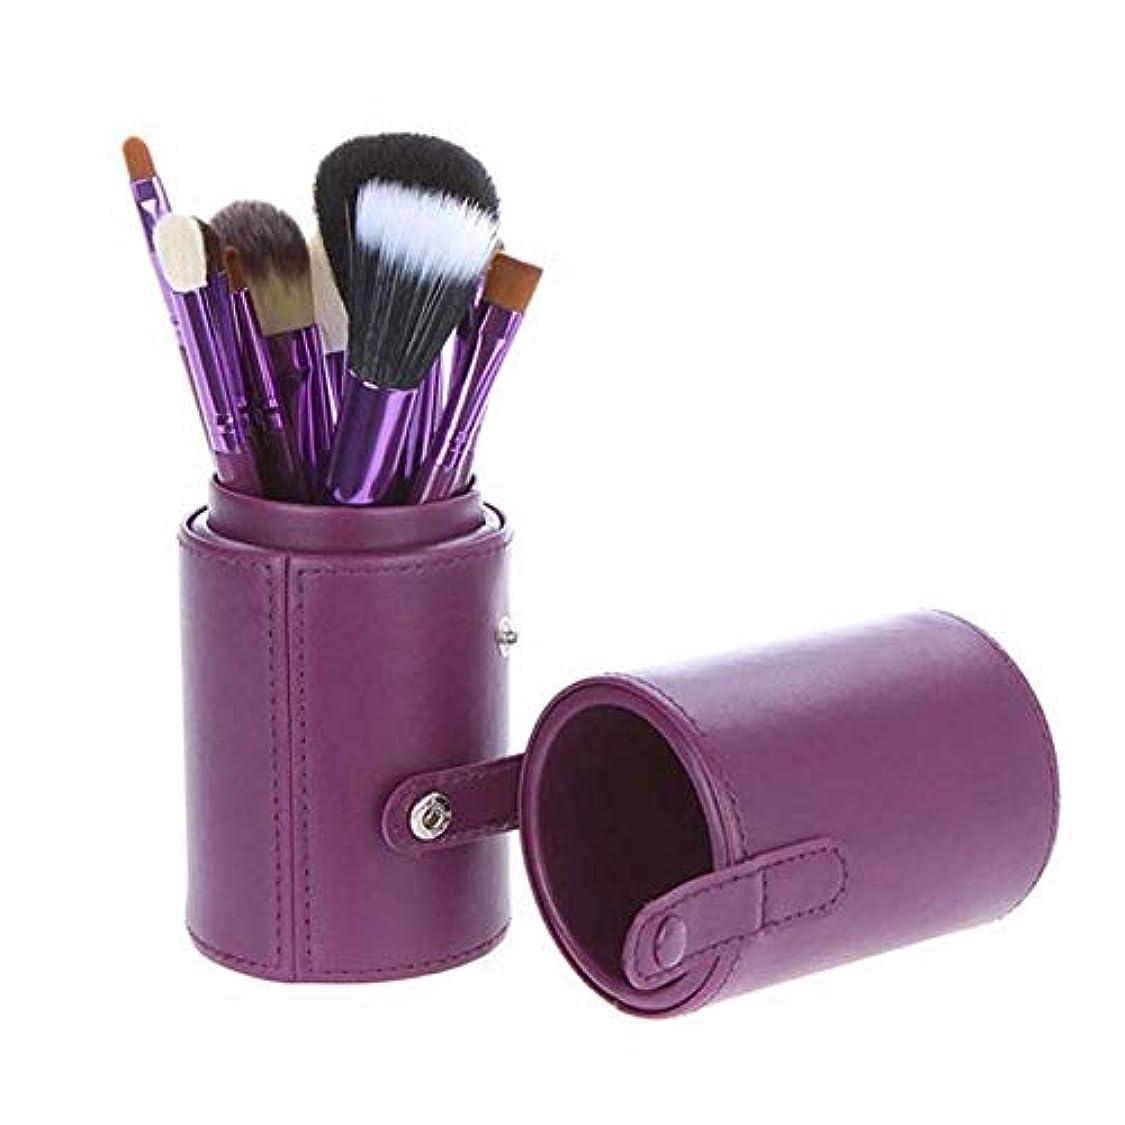 刺す合意ワーディアンケース化粧ブラシセット:美しい女性ギフトボックスに表示されるスタイリッシュなブラシケースで、プロのプロ、美容ブレンダーとクリーナーをメイクアップ (Color : Purple)